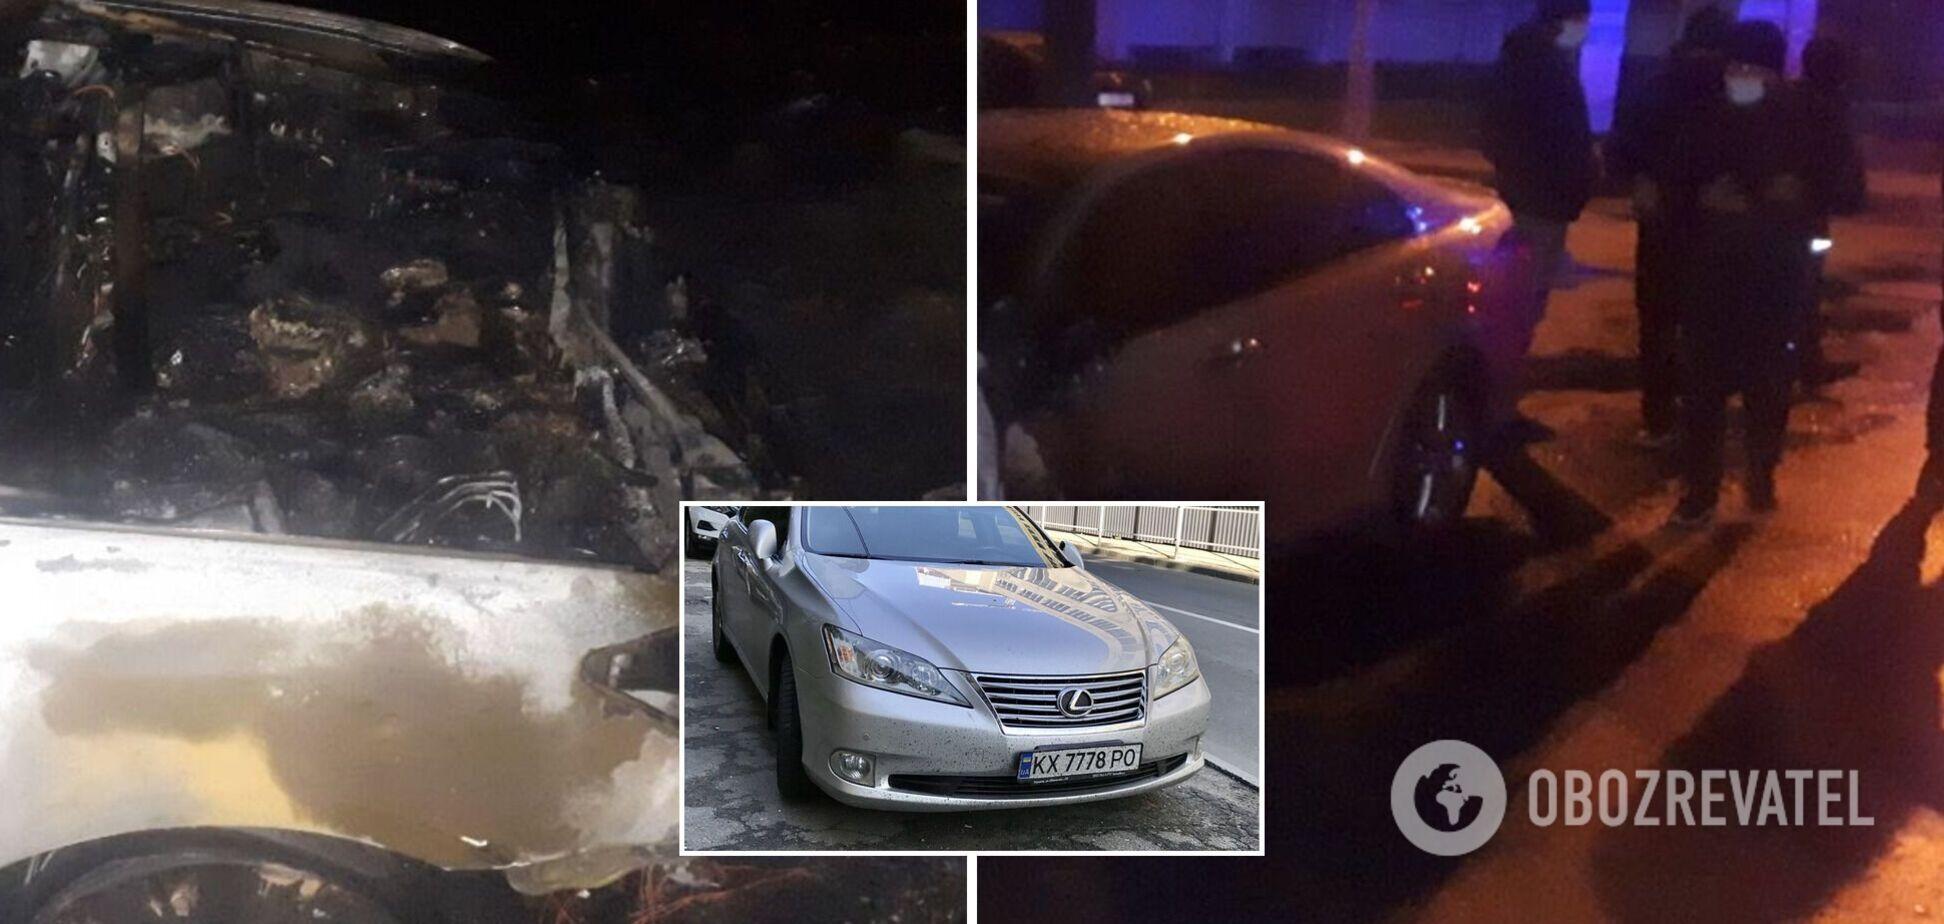 В Харькове сожгли Lexus, на котором ездил сотрудник Офиса генпрокурора: появилась версия о мести. Фото